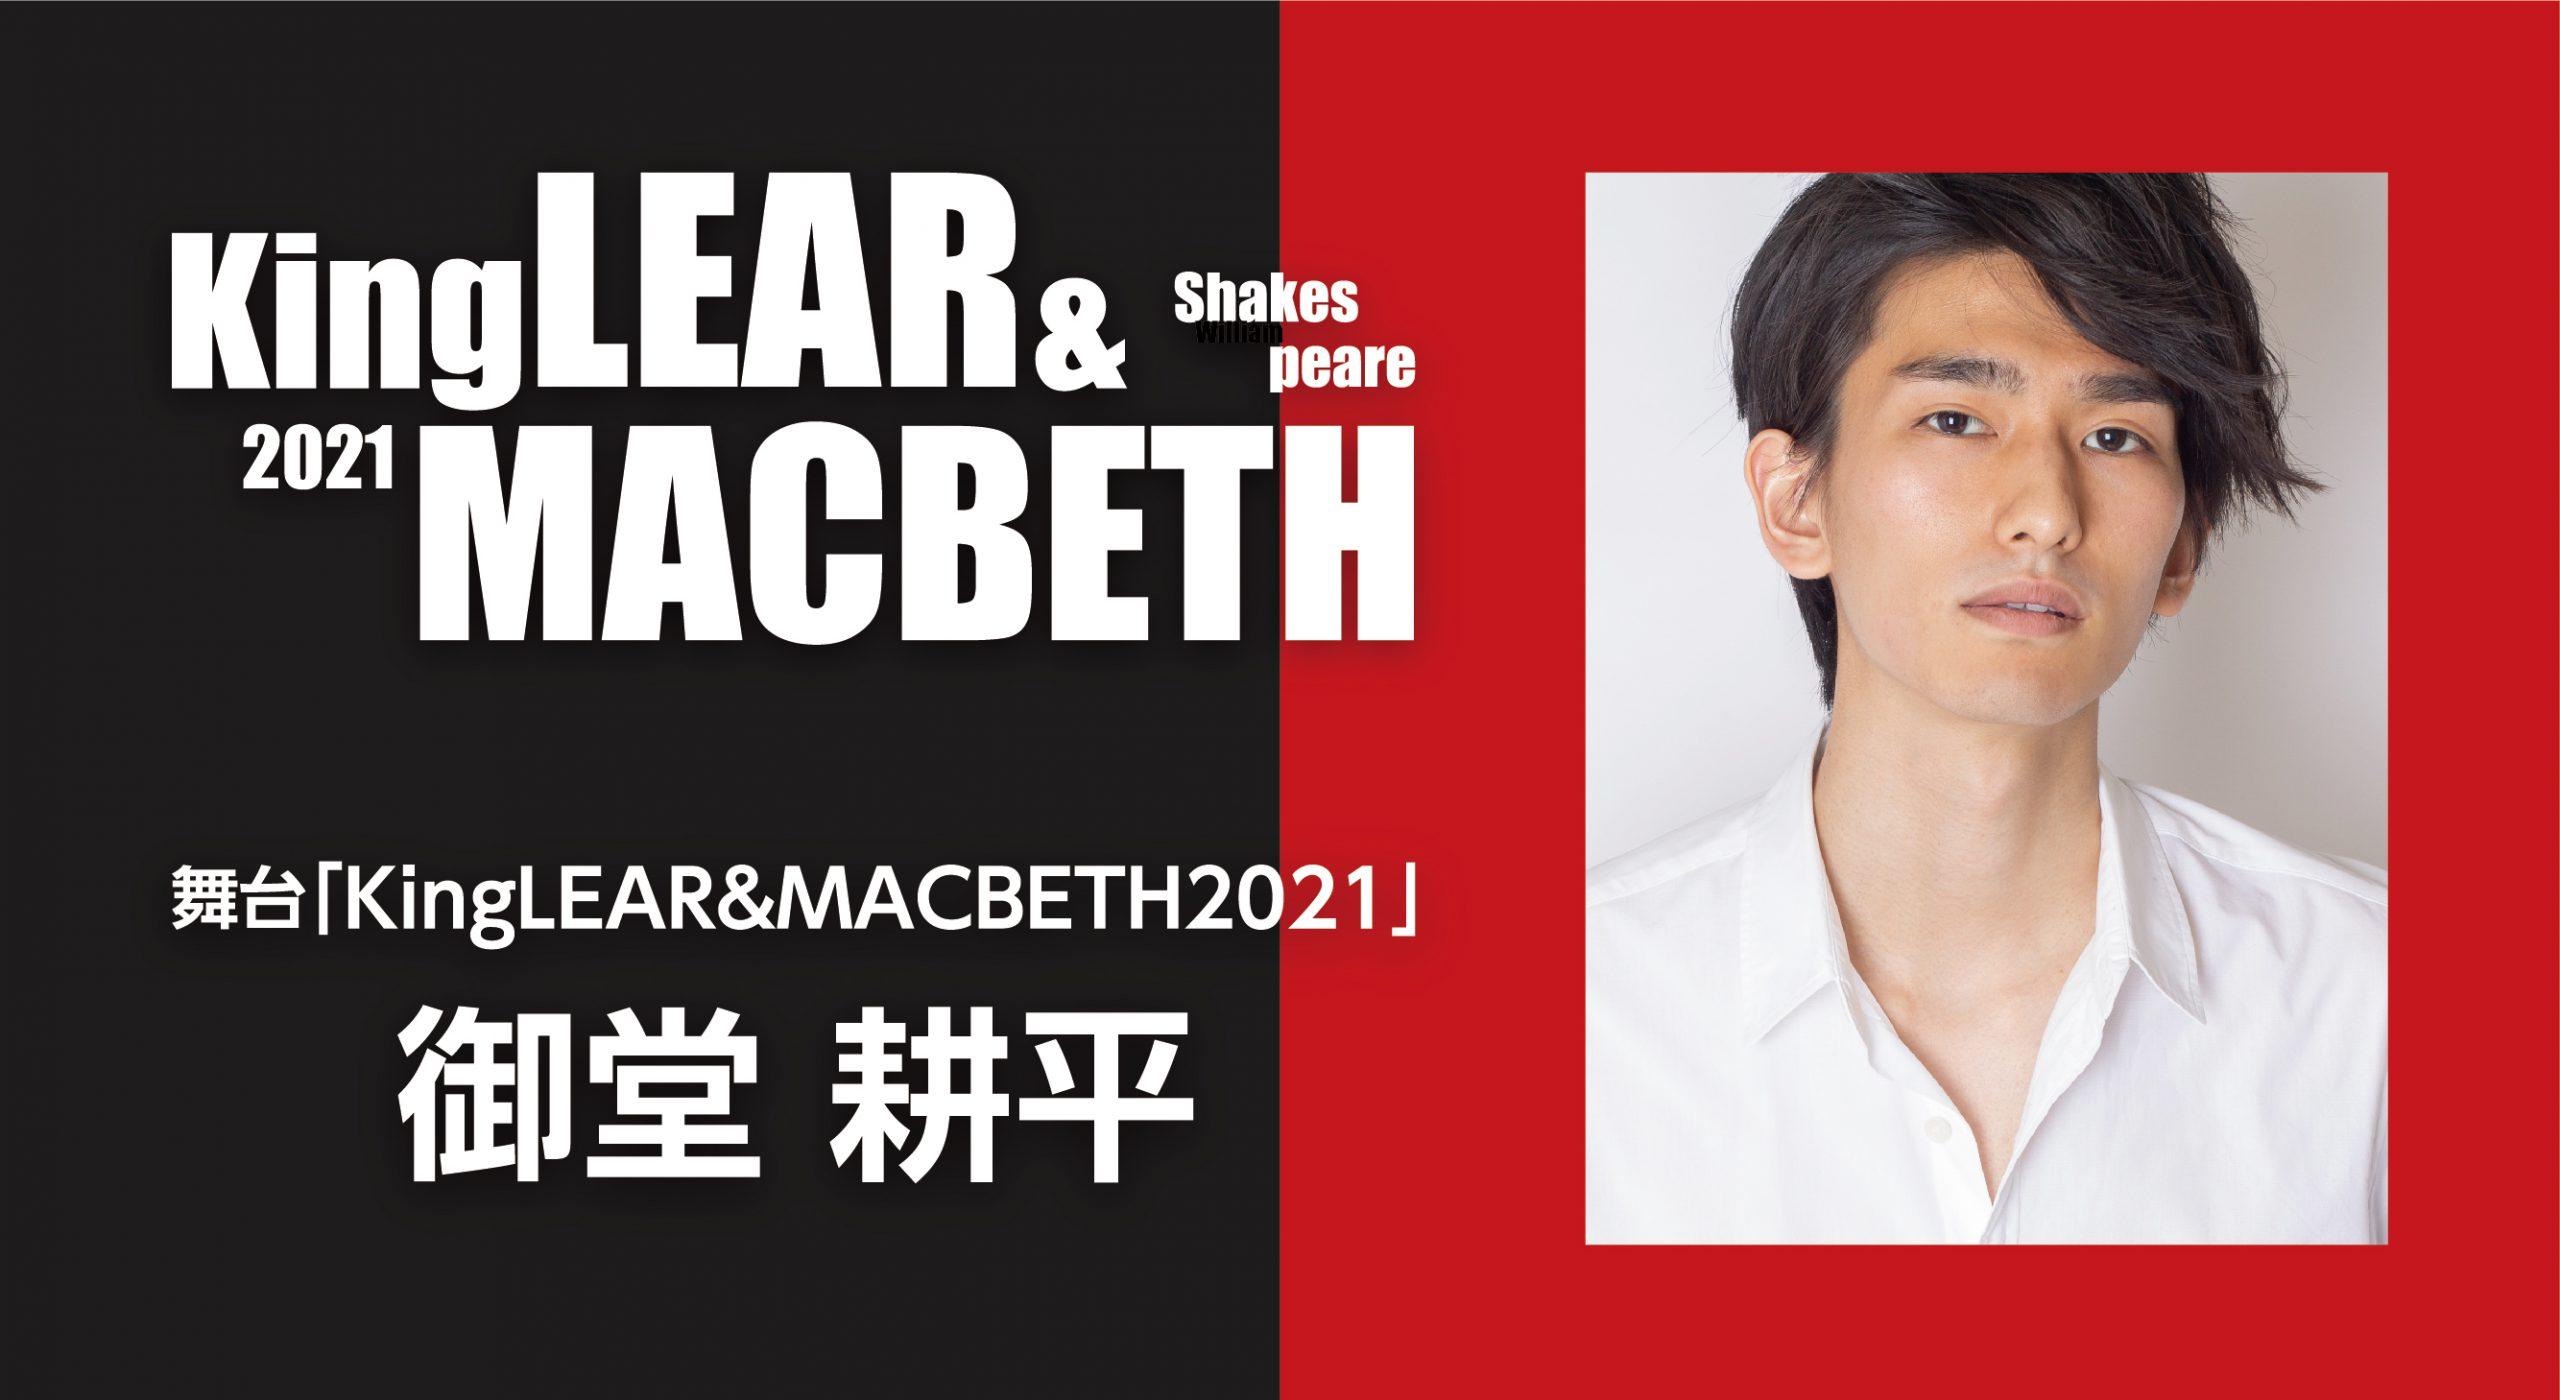 御堂耕平 舞台「KingLEAR&MACBETH2021」